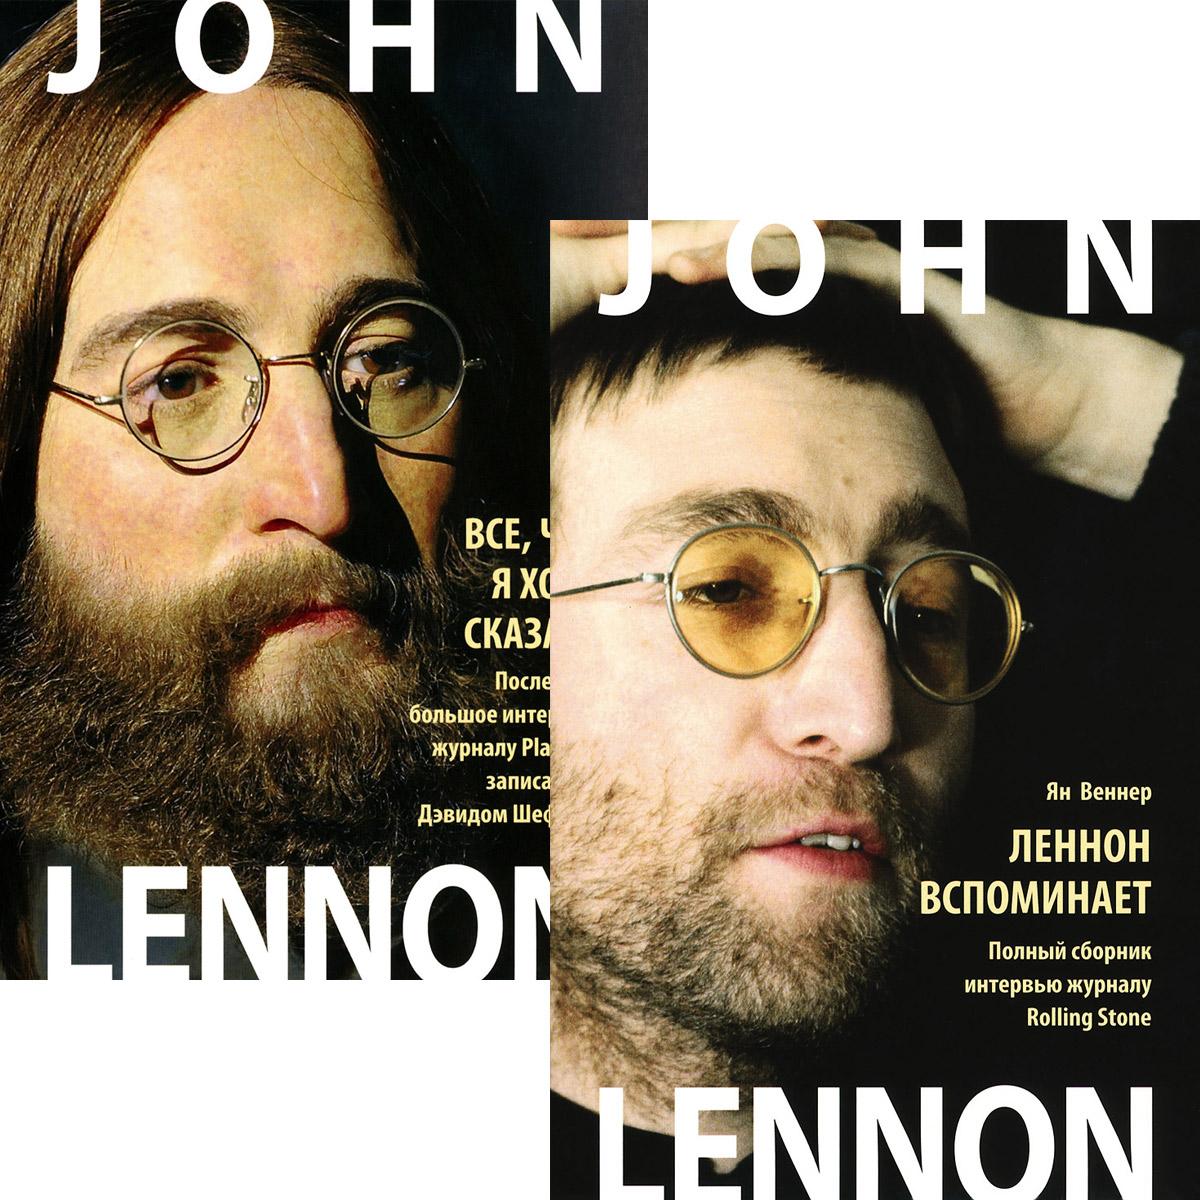 Джон Леннон. Леннон вспоминает. Джон Леннон. Все, что я хочу сказать (комплект из 2 книг)